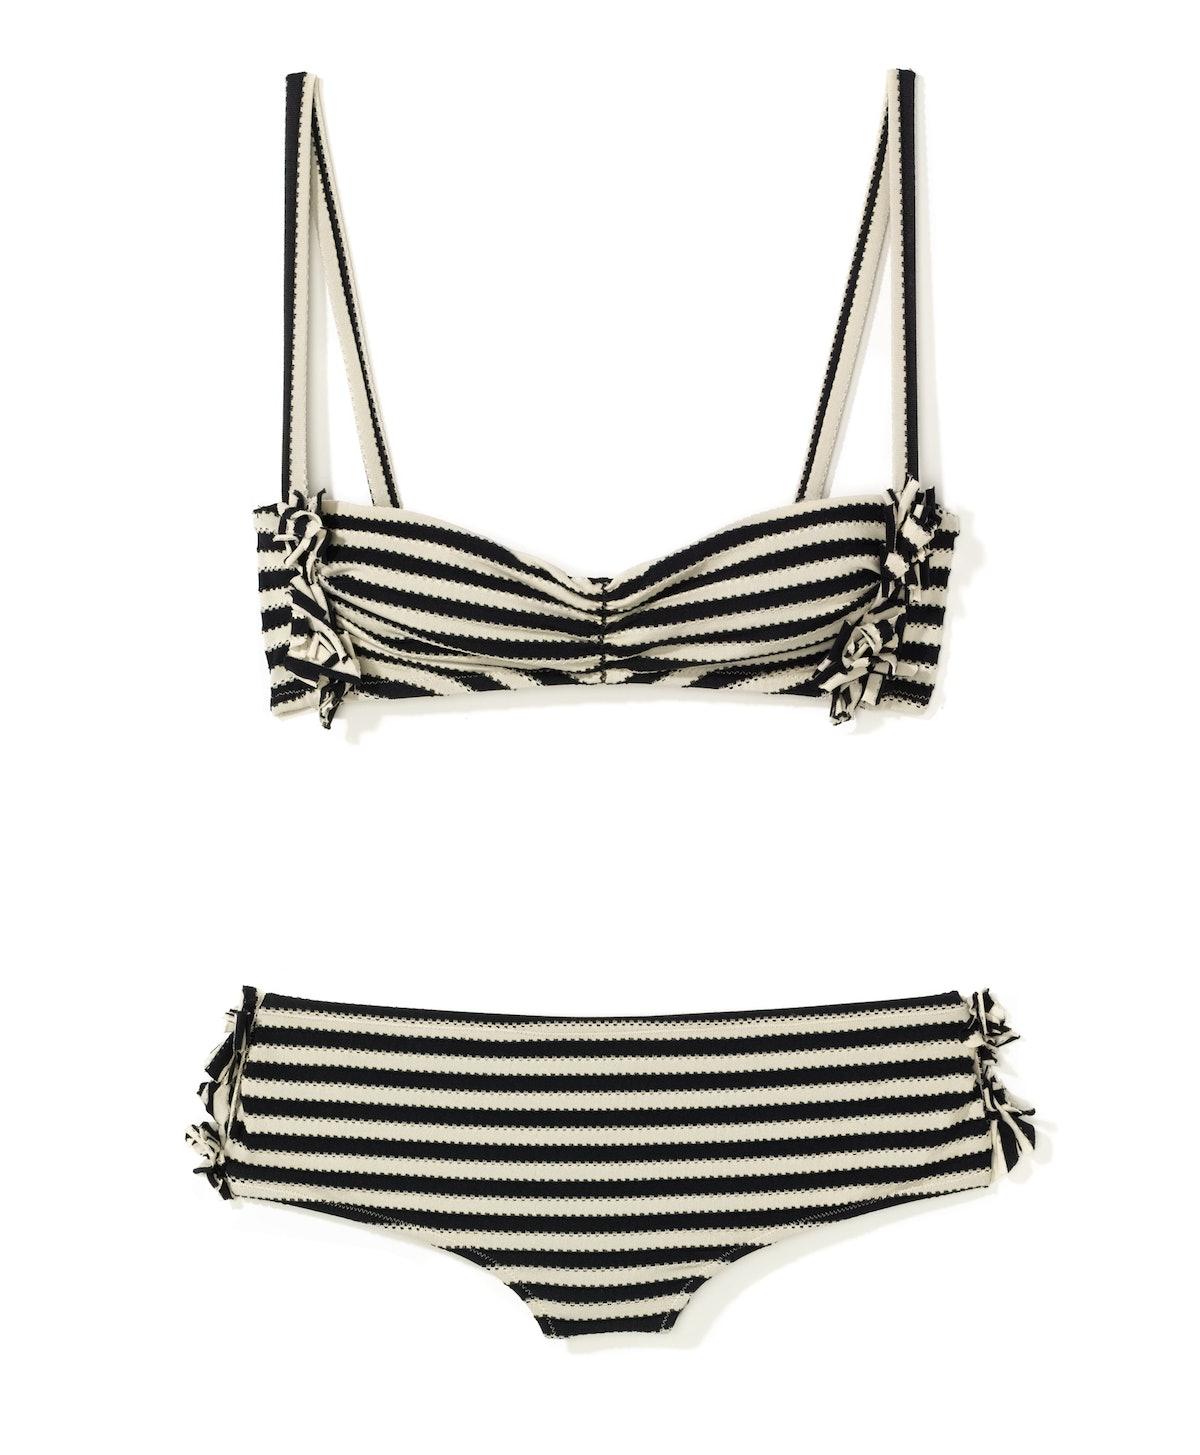 Chanel bikini top